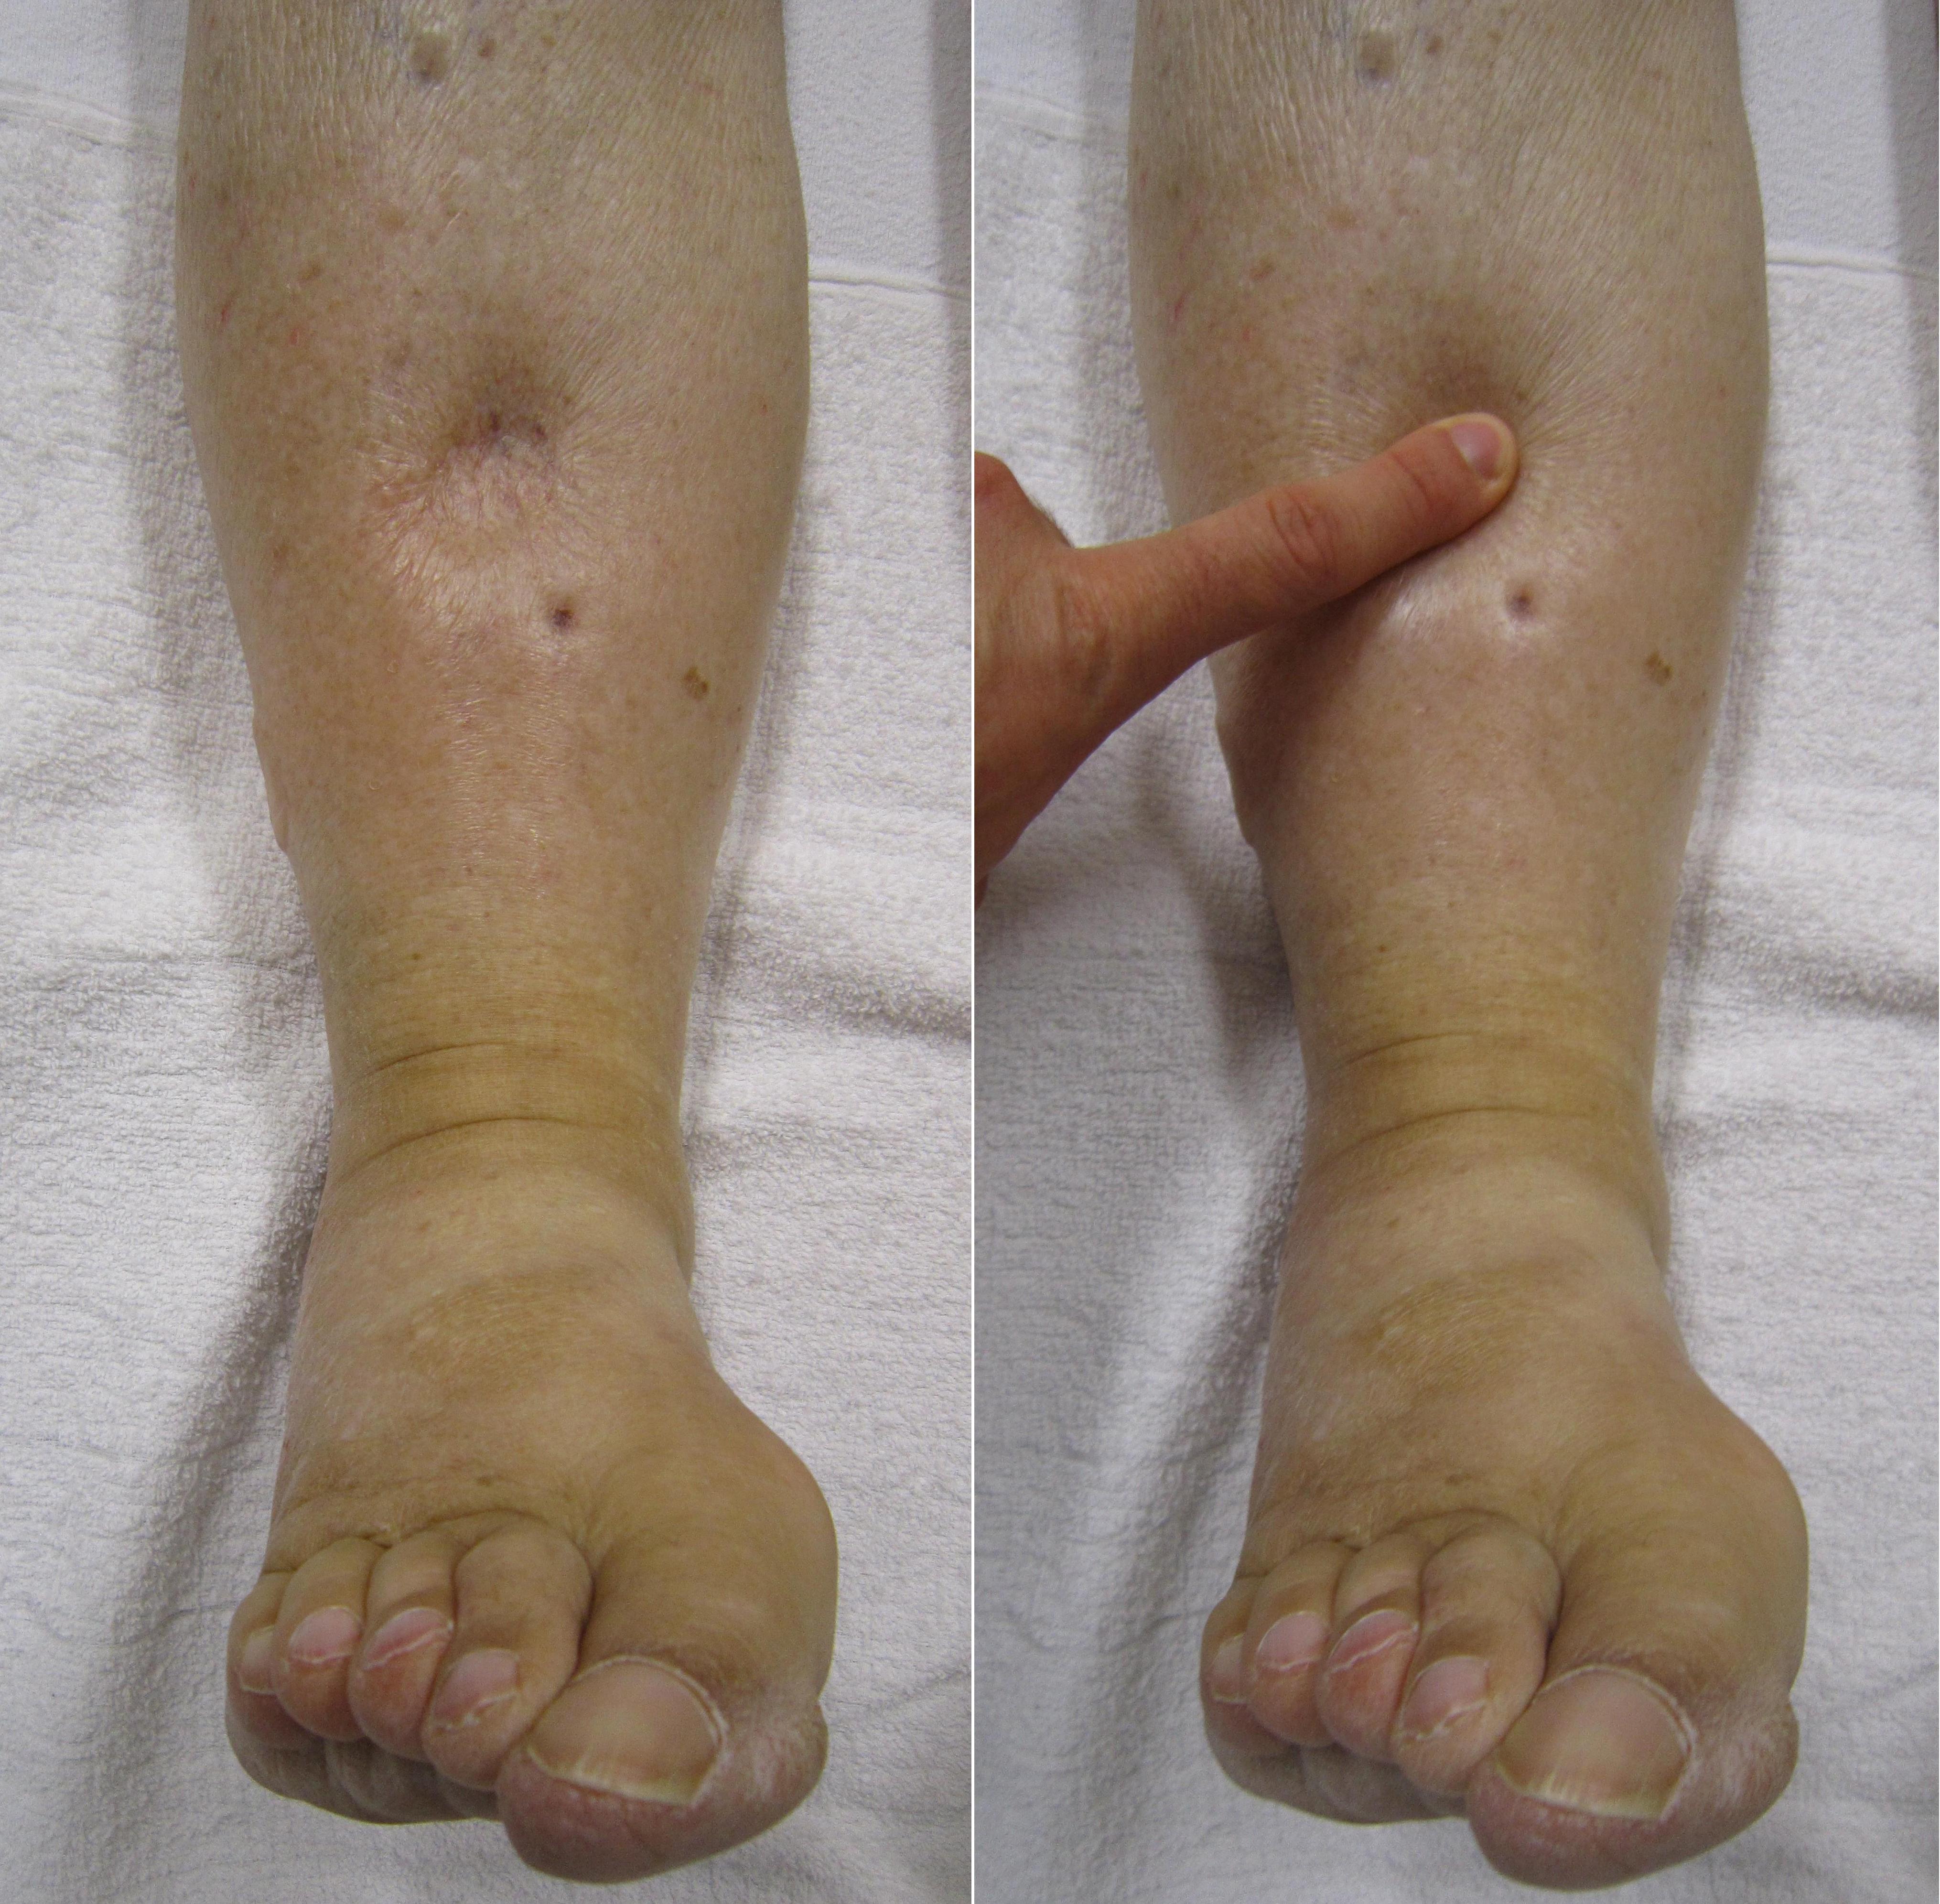 papilloma right thigh icd 10